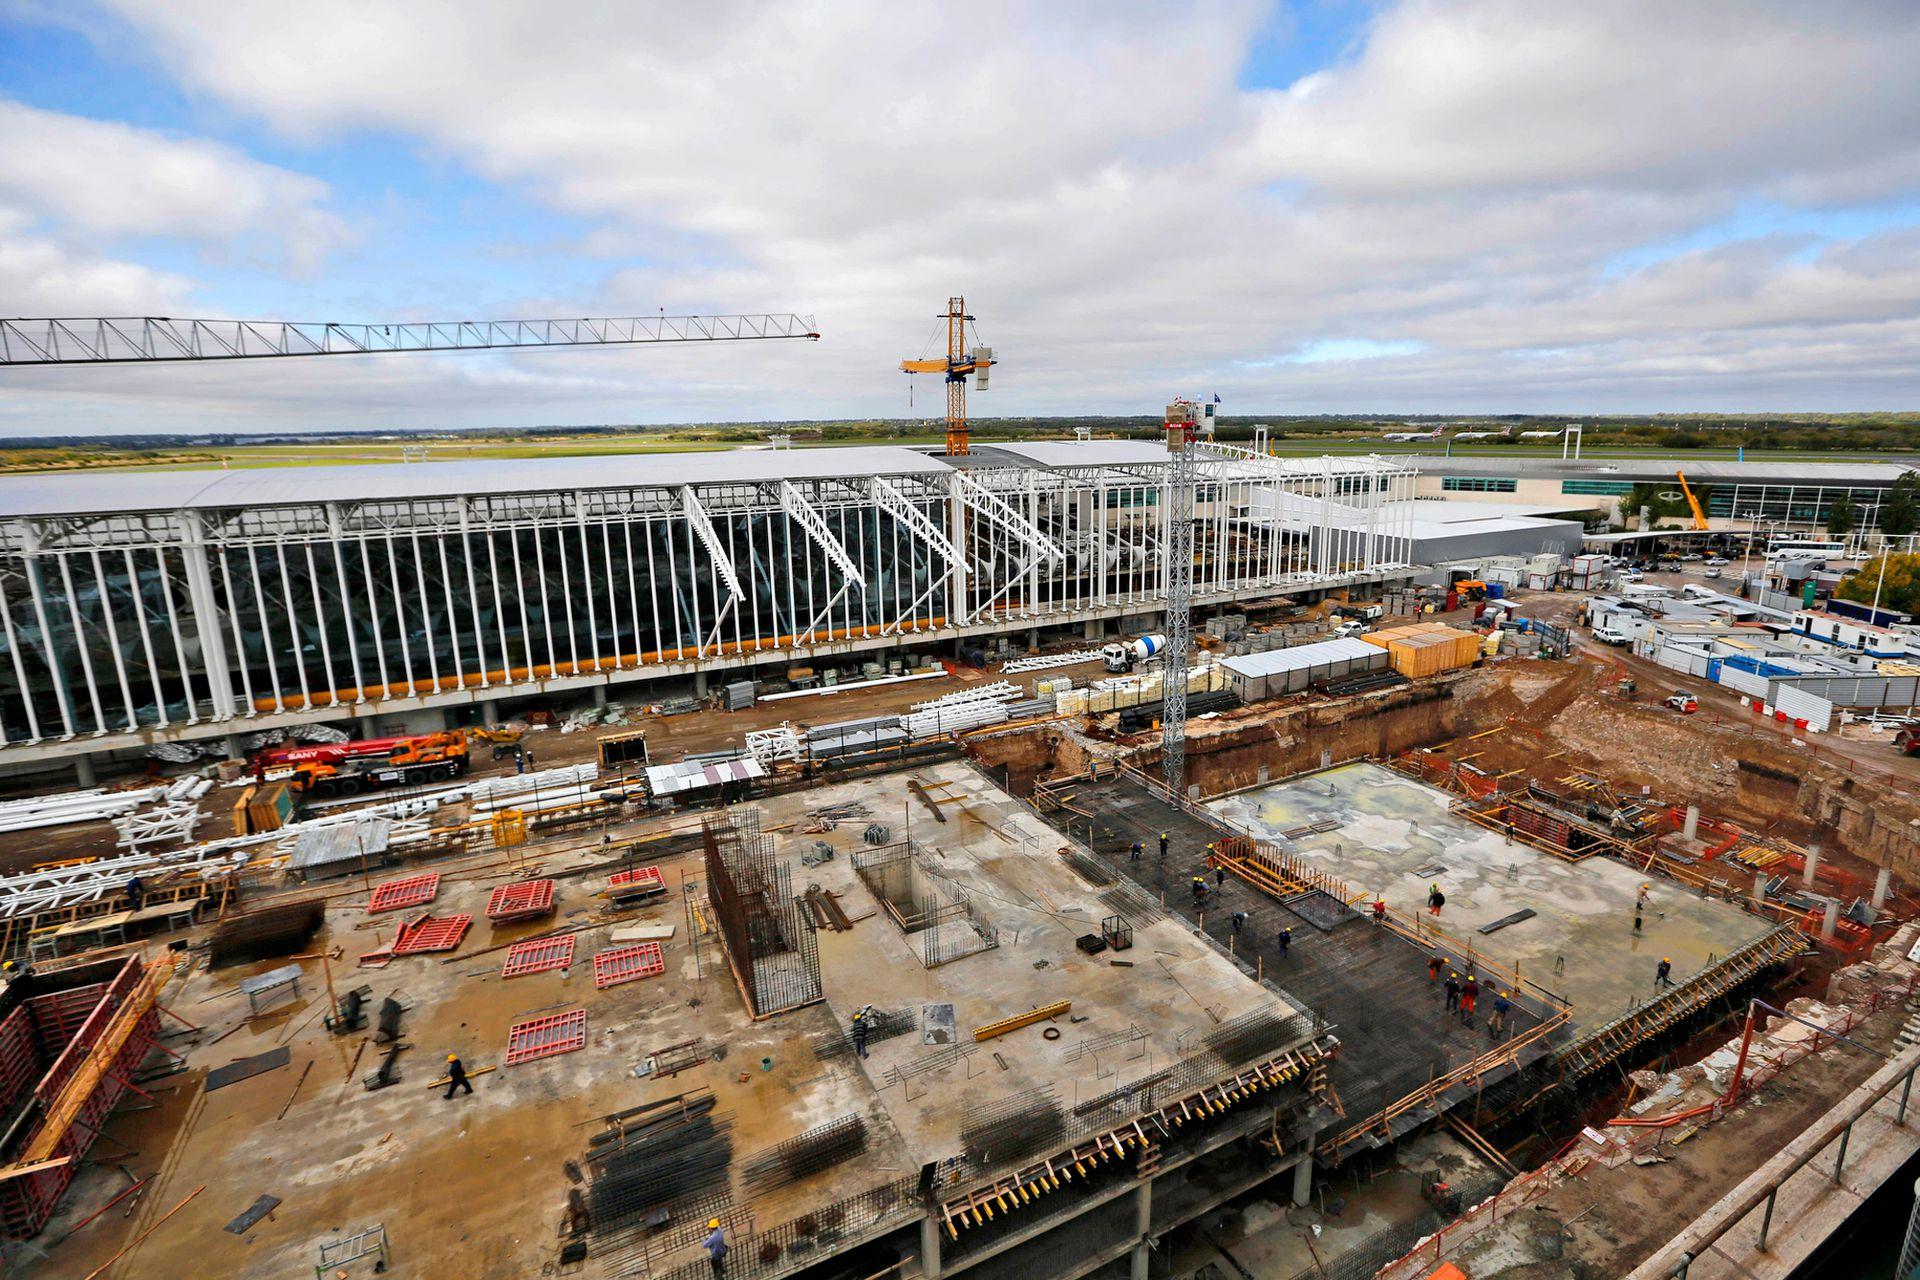 """El traslado de las operaciones será progresivo, pero cuando haya concluido, todas las partidas, tanto domésticas como internacionales, se concentrarán en la nueva terminal, bautizada """"Zeppelin"""" por su techo de forma ovalada"""